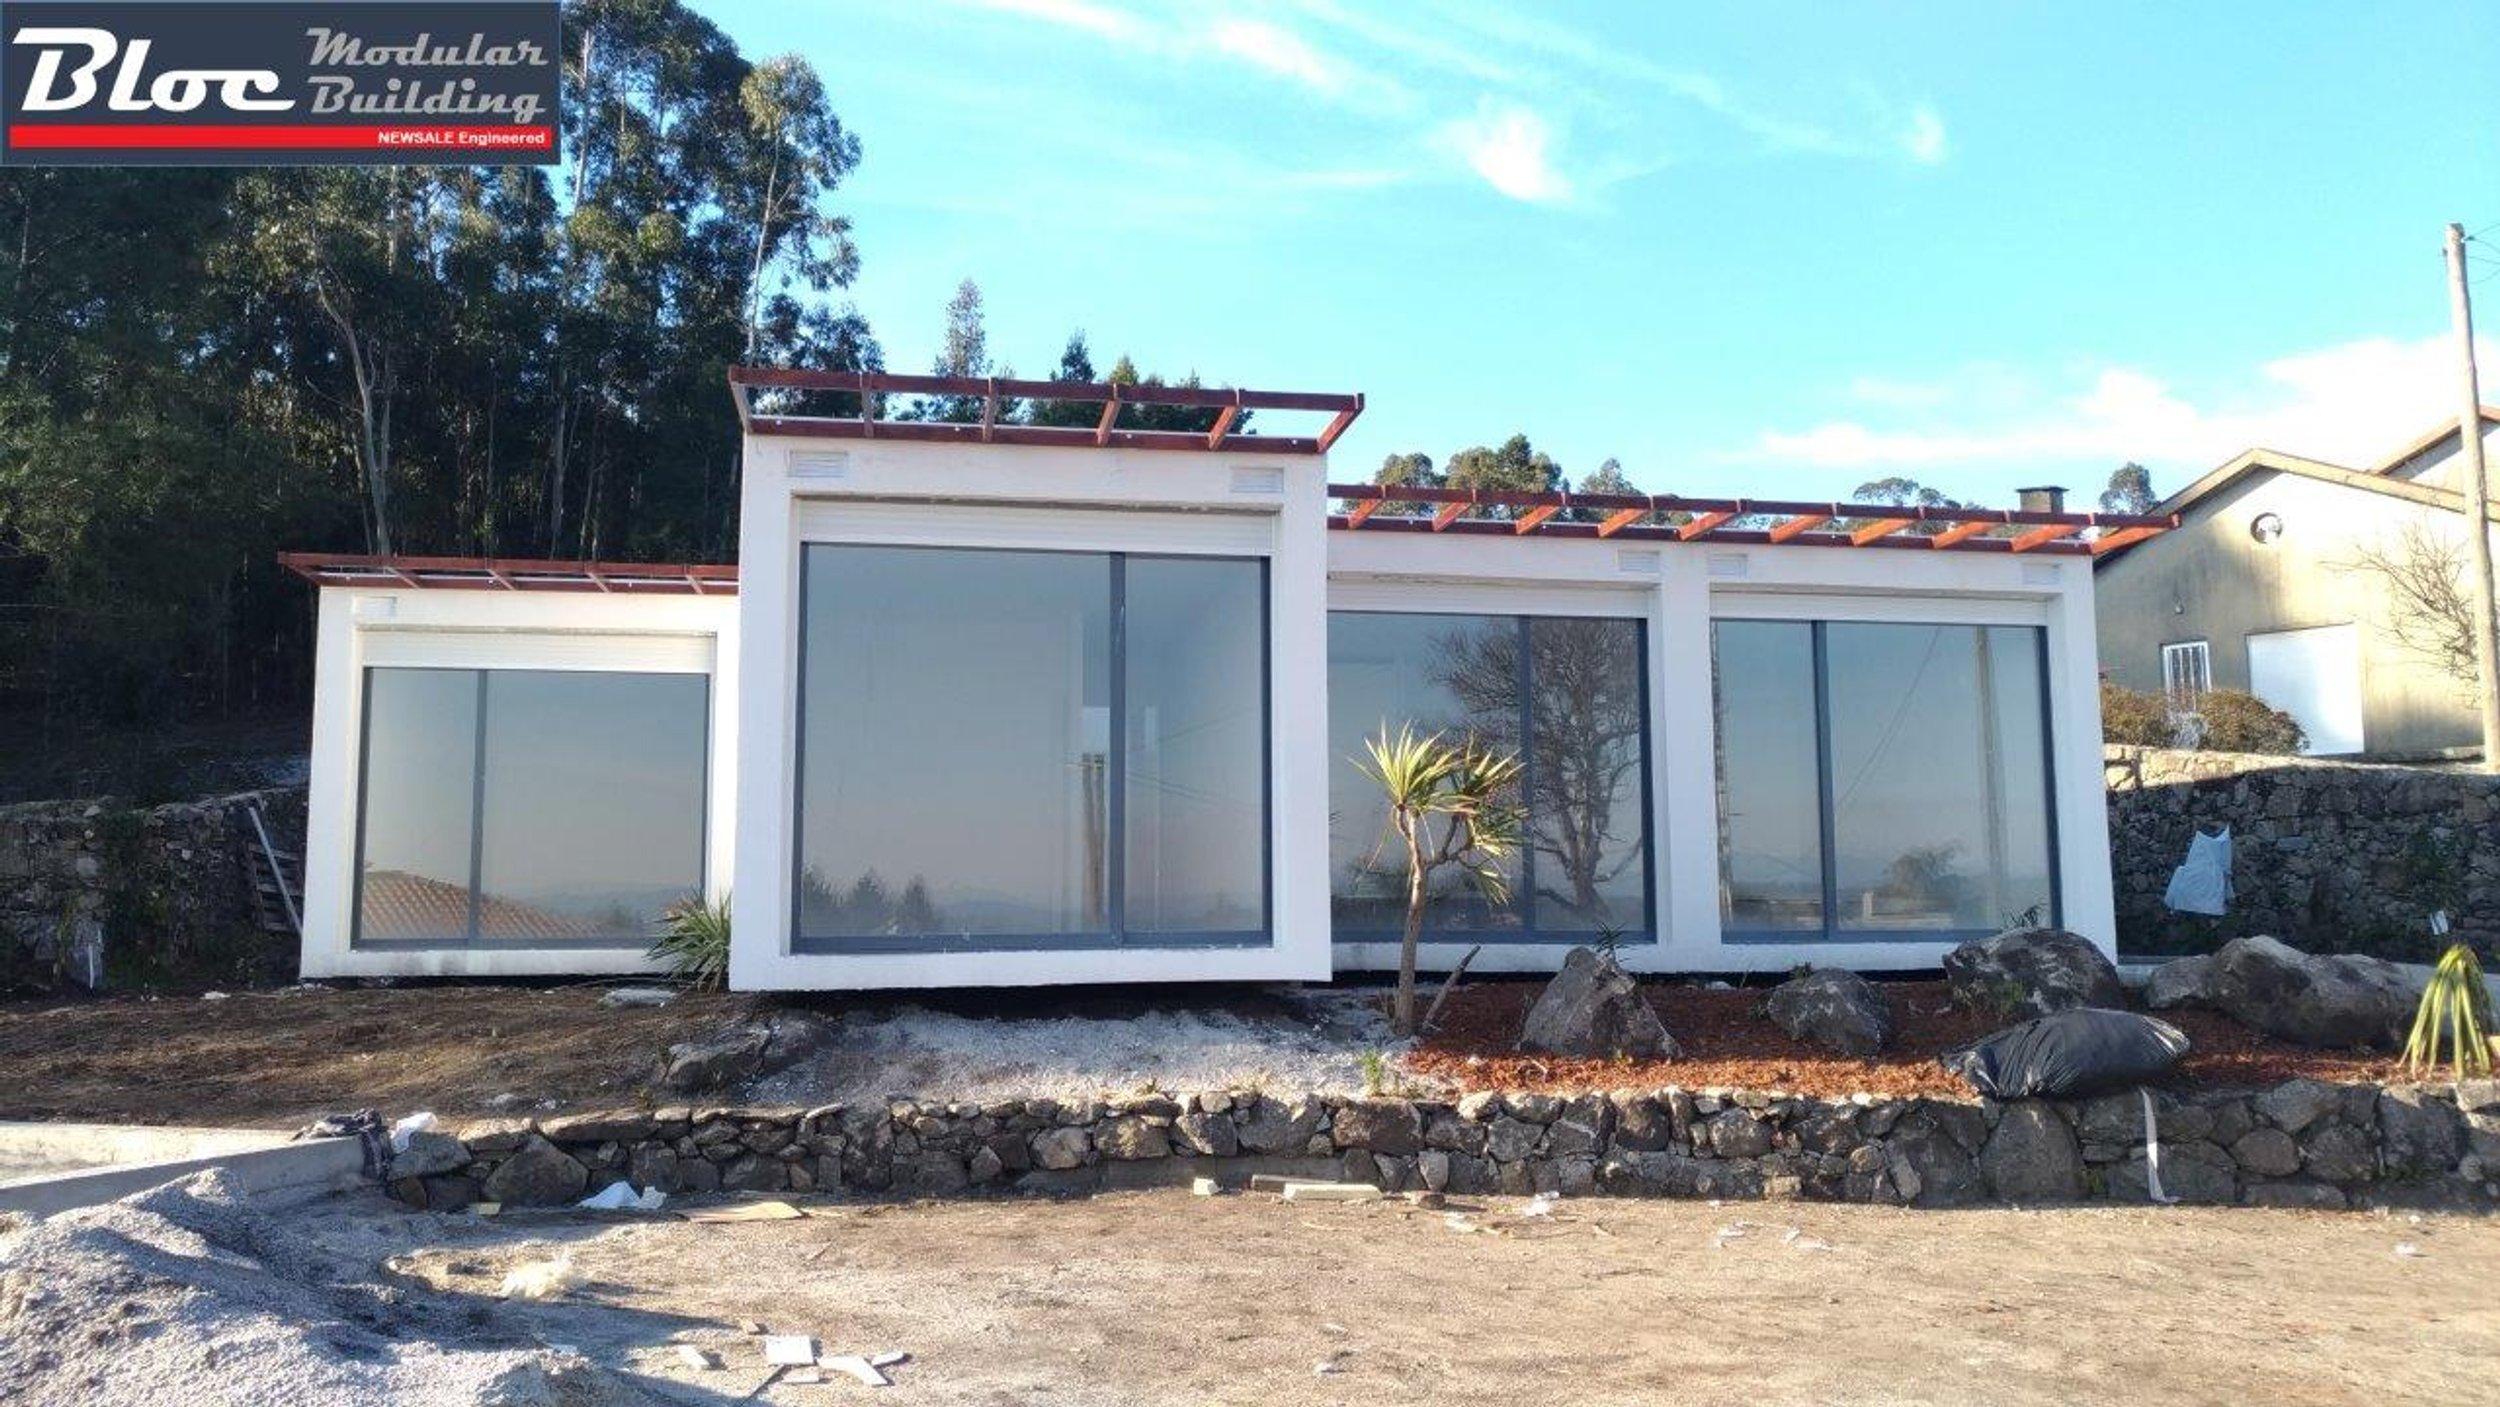 Casas modulares Bloc Modular Building